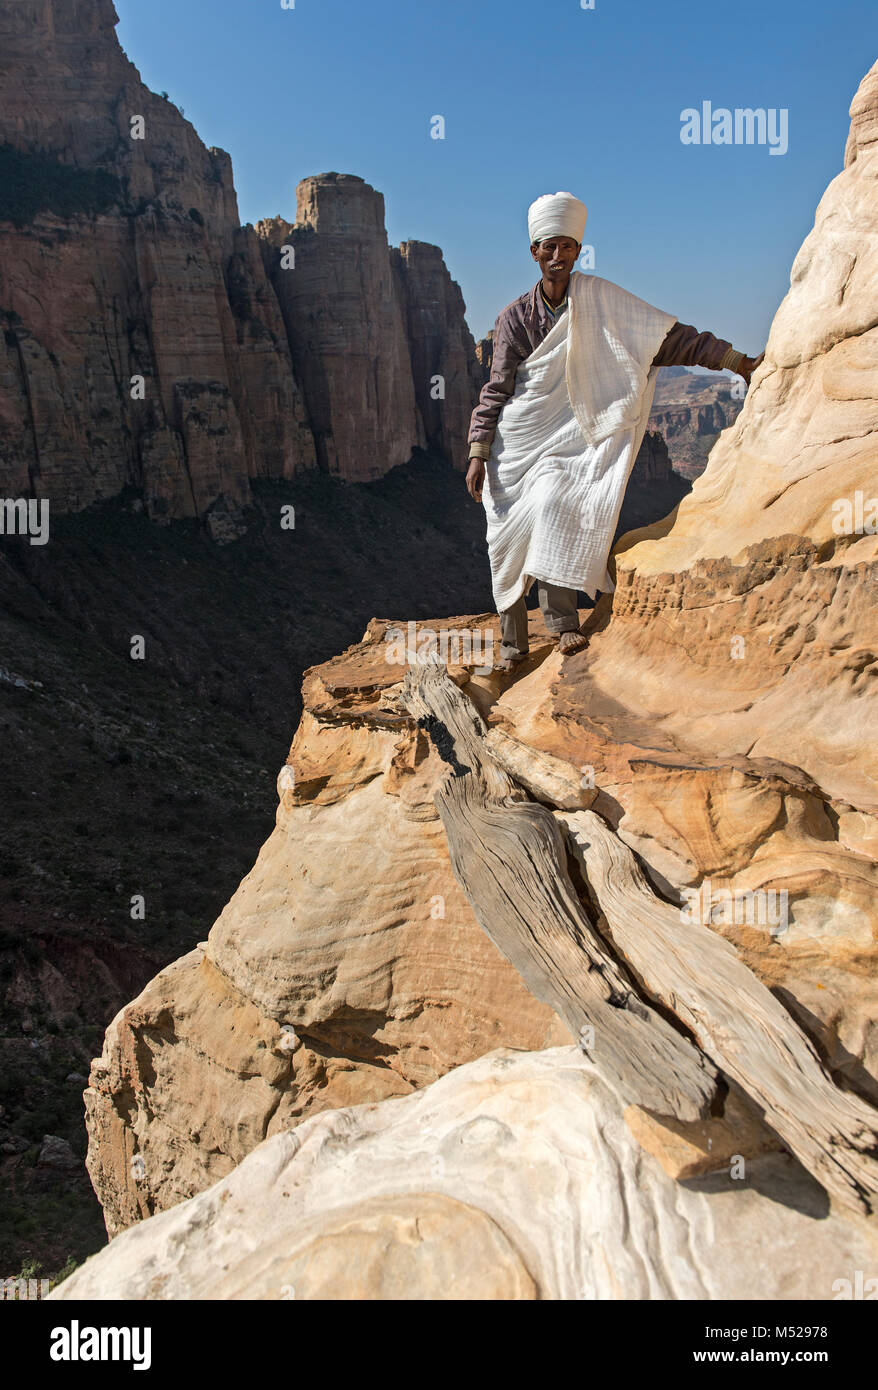 Katholisch aus einem koptischen mädchen